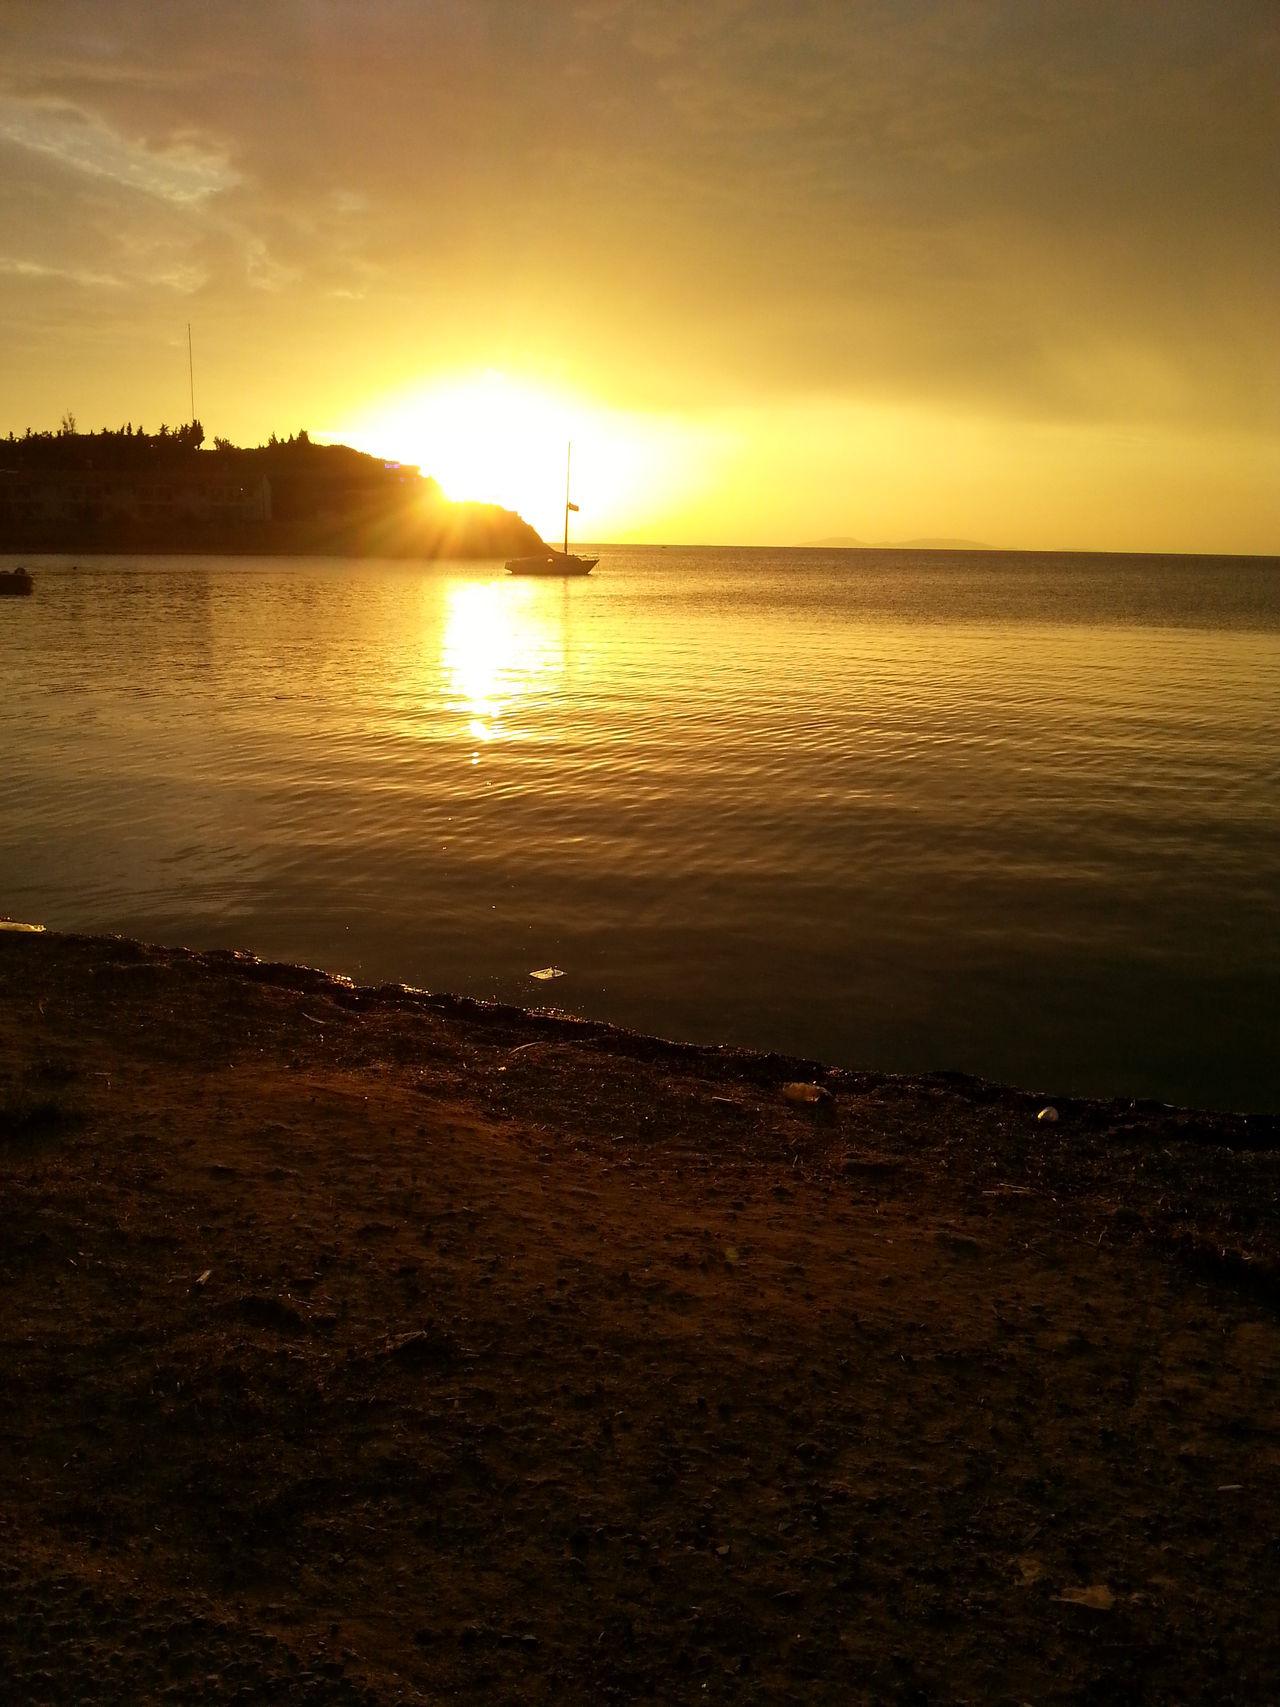 Sun Sunlight Sunfall Beach Sea Nofilter Noedit Turkey Aydin Aydin/Turkey Travel Amazing